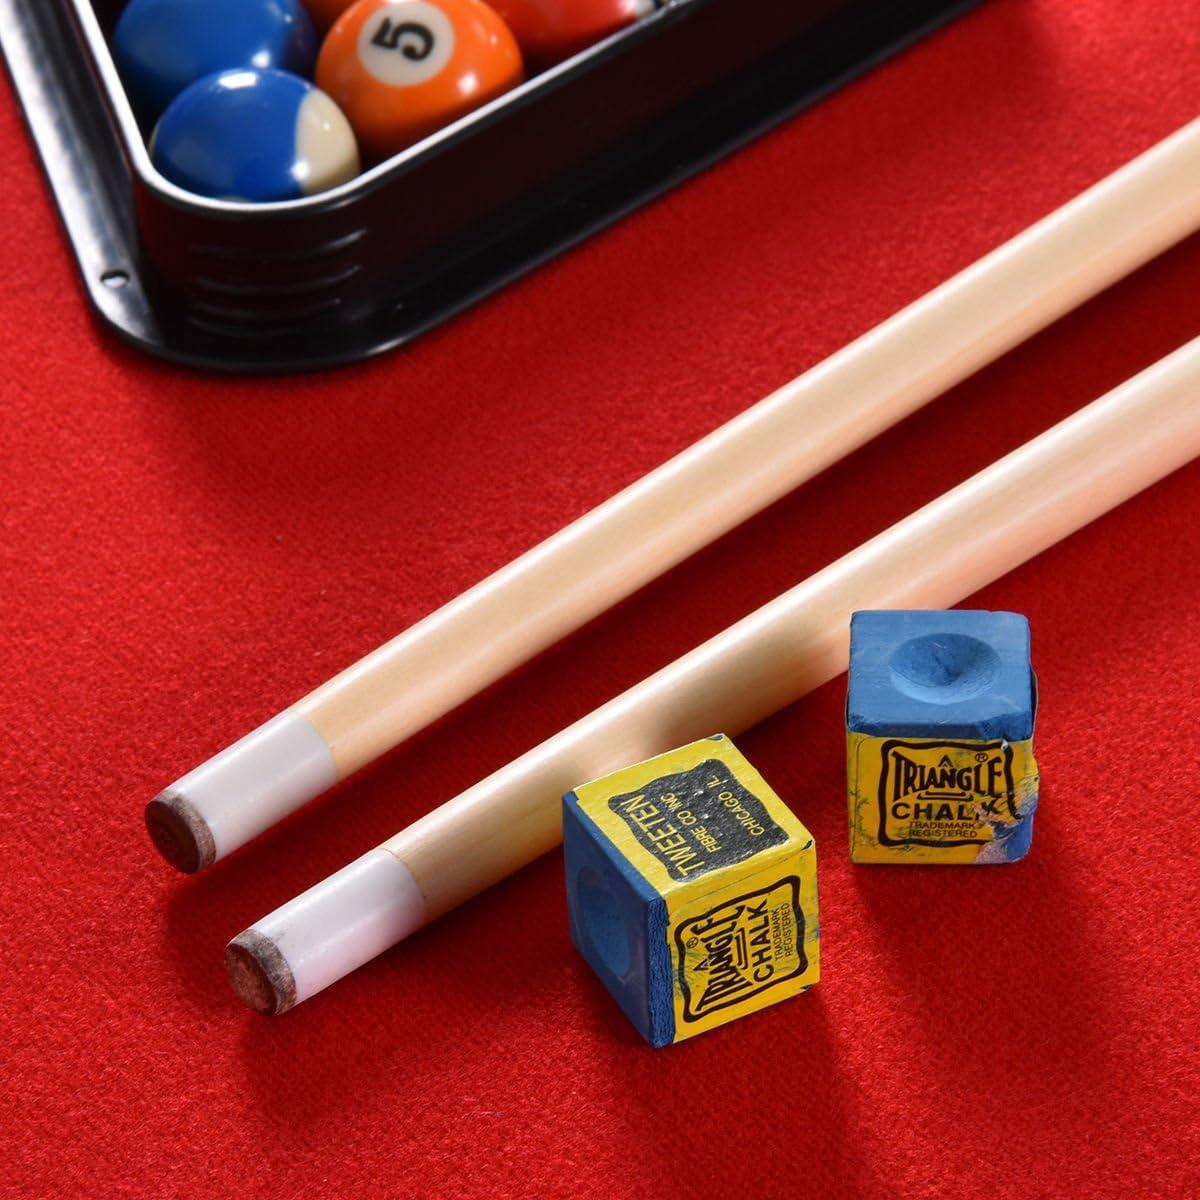 47 pulgadas plegable Snooker mesa de billar mesa de billar con bolas billar tiza trípode & marcador blue| perfecto para regalo niño niños Kids Adulto Amigos Familia parte interior al aire libre